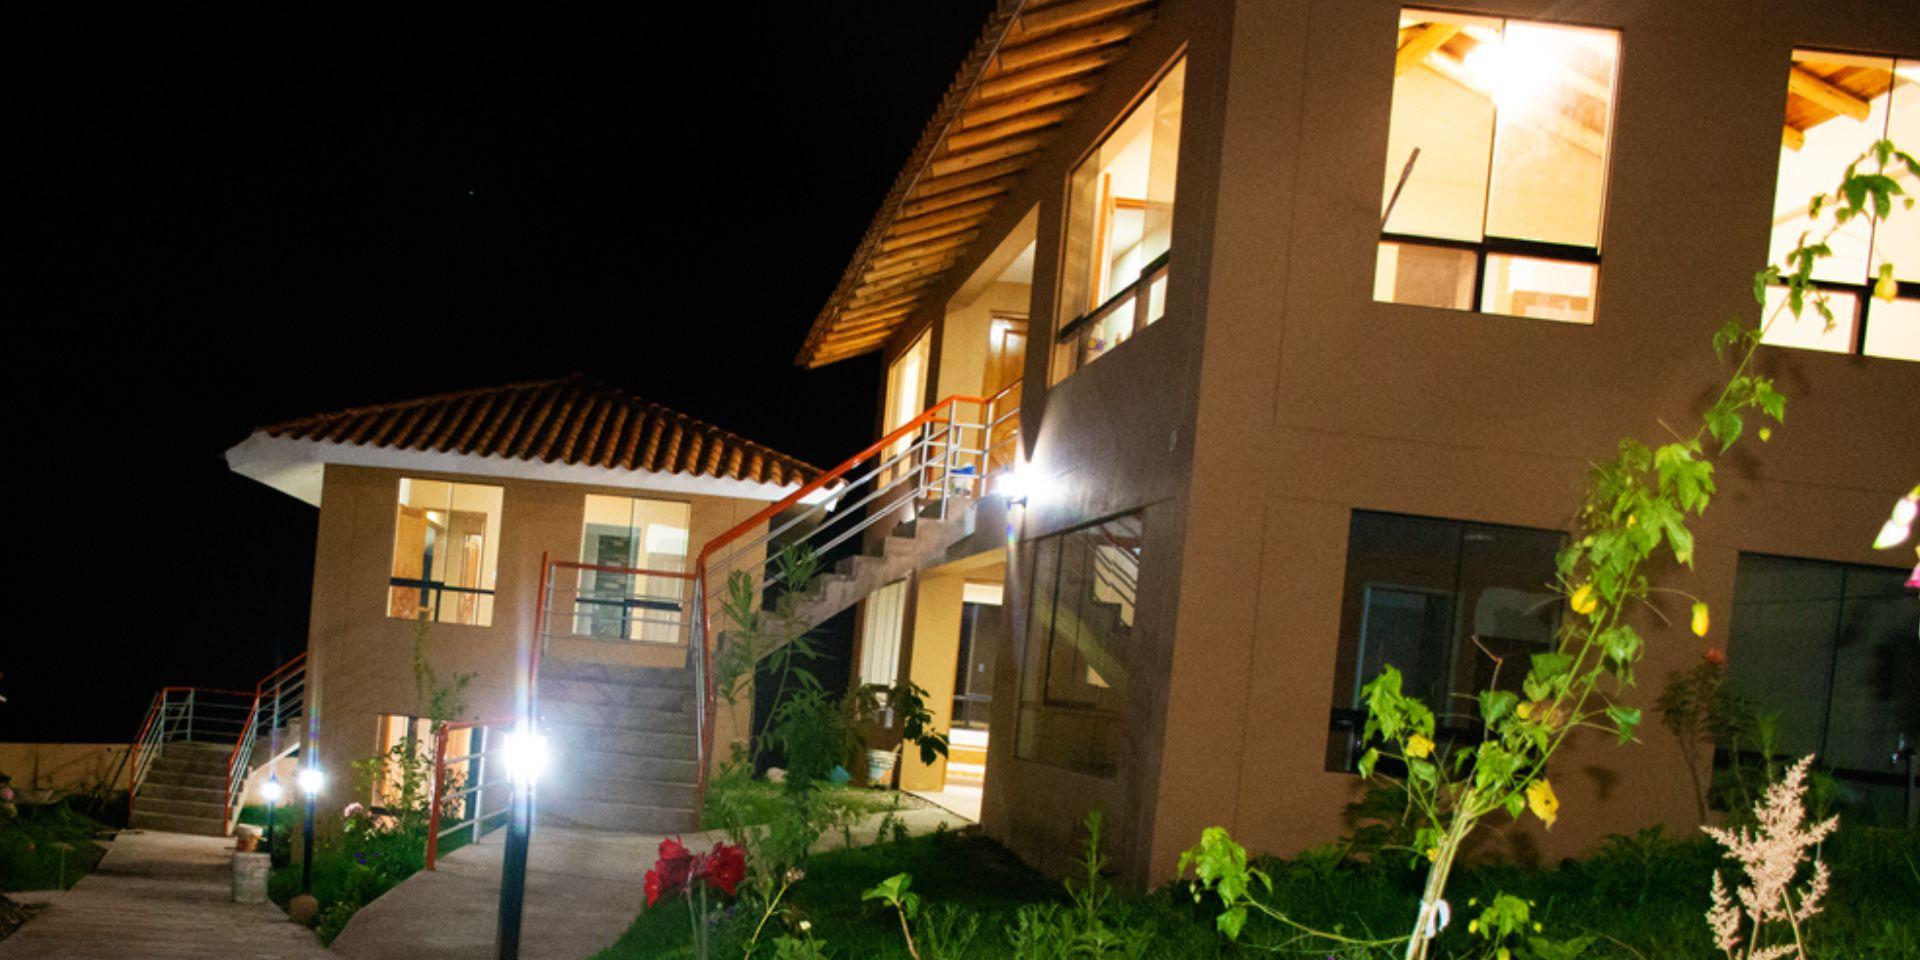 veronica-view-hotel-ollantaytambo